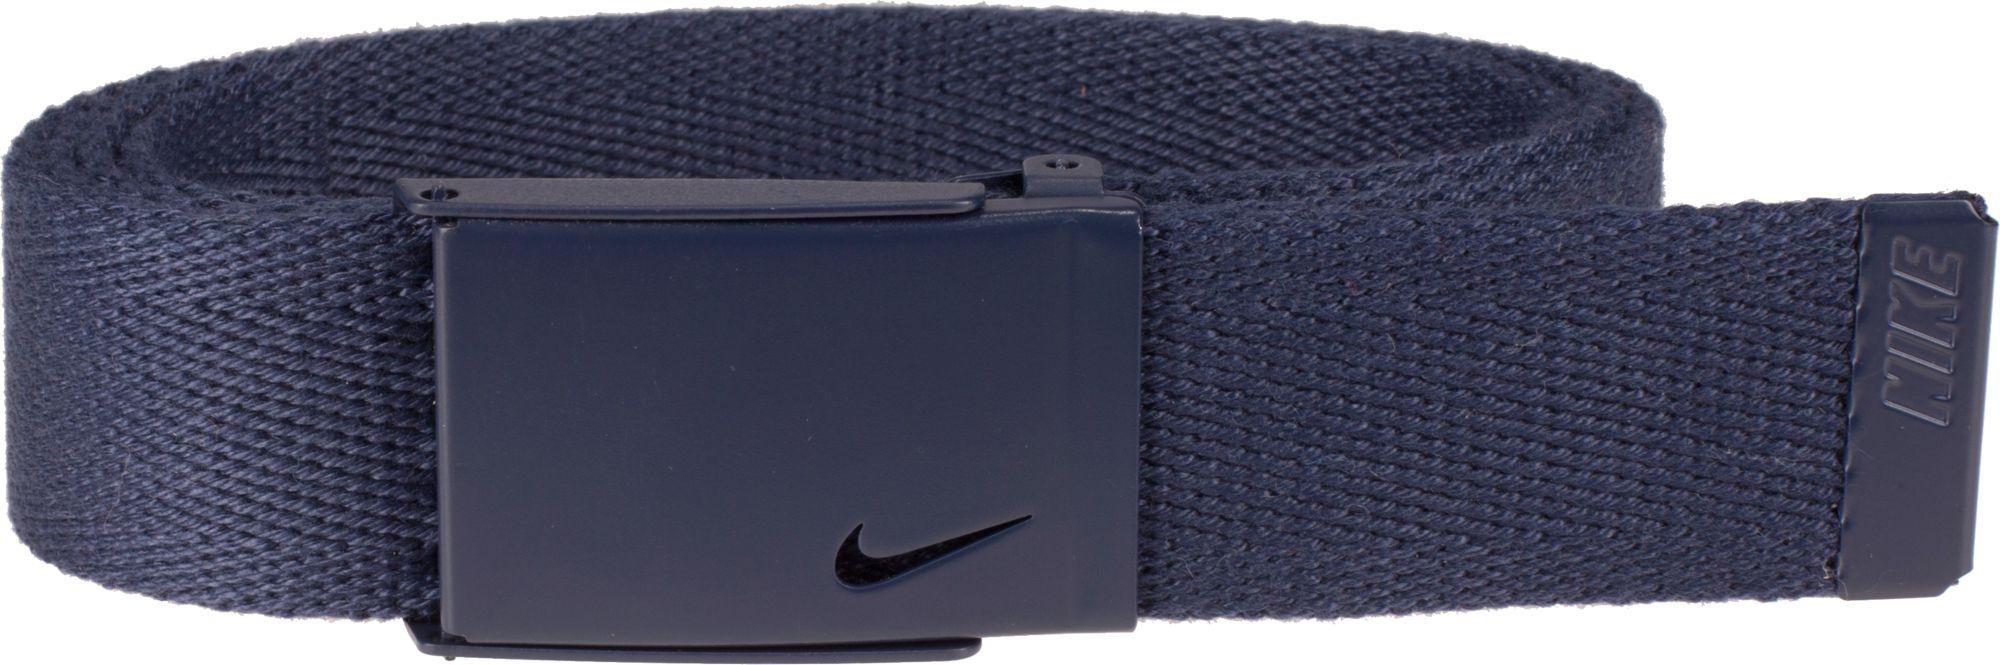 Nike Womens Tech Essentials Web Golf Belt DICKS Sporting Goods